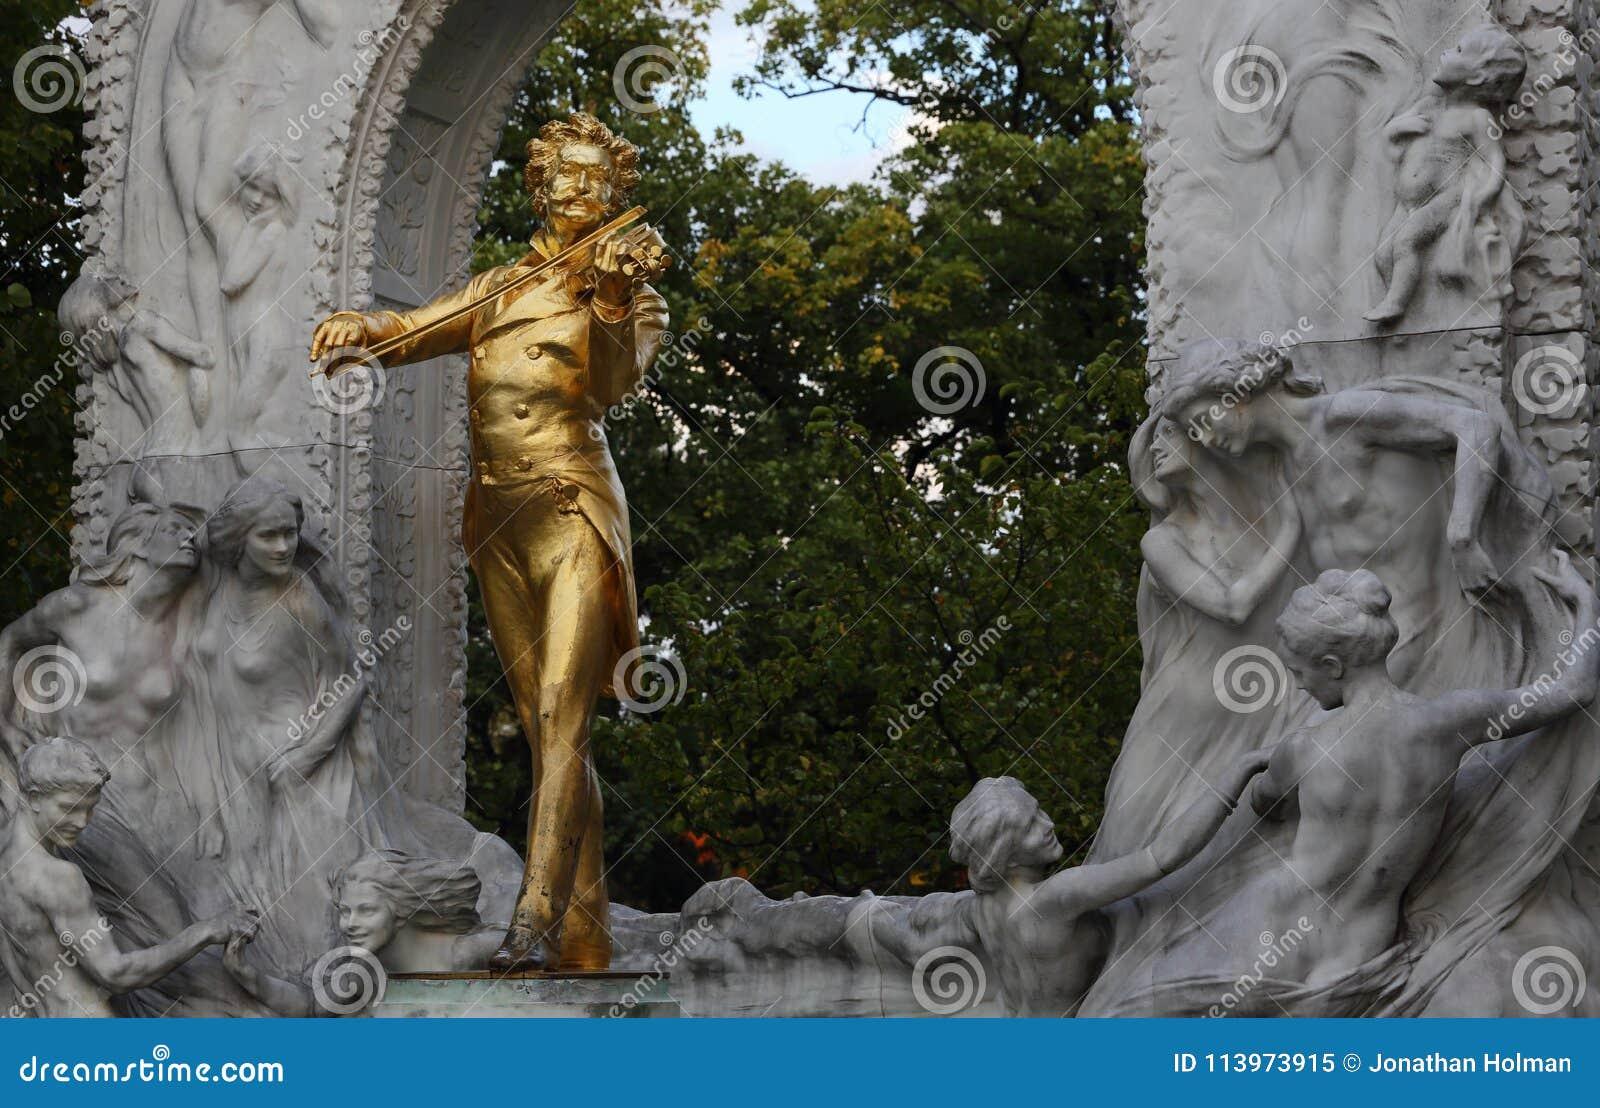 Statua di Strauss a Vienna, Austria, Wien Musica, compositore Statua dorata